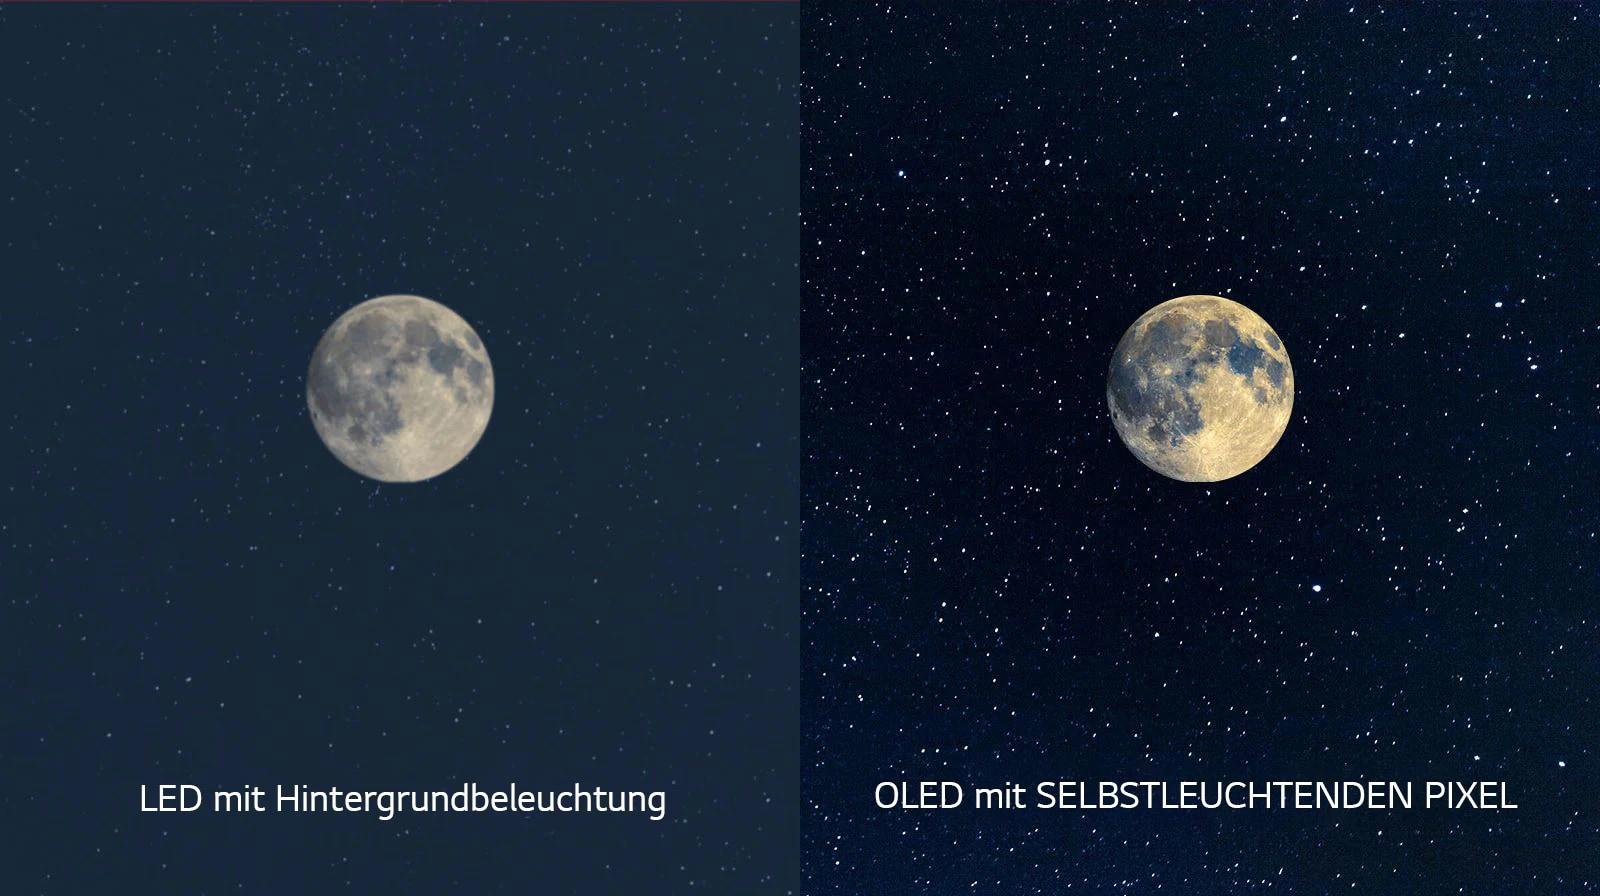 Prikaz lune, LED je na levi strani in prikazuje premalo črne barve, medtem ko je najgloblja črna na OLED-u na desni strani (predvajanje videoposnetka)